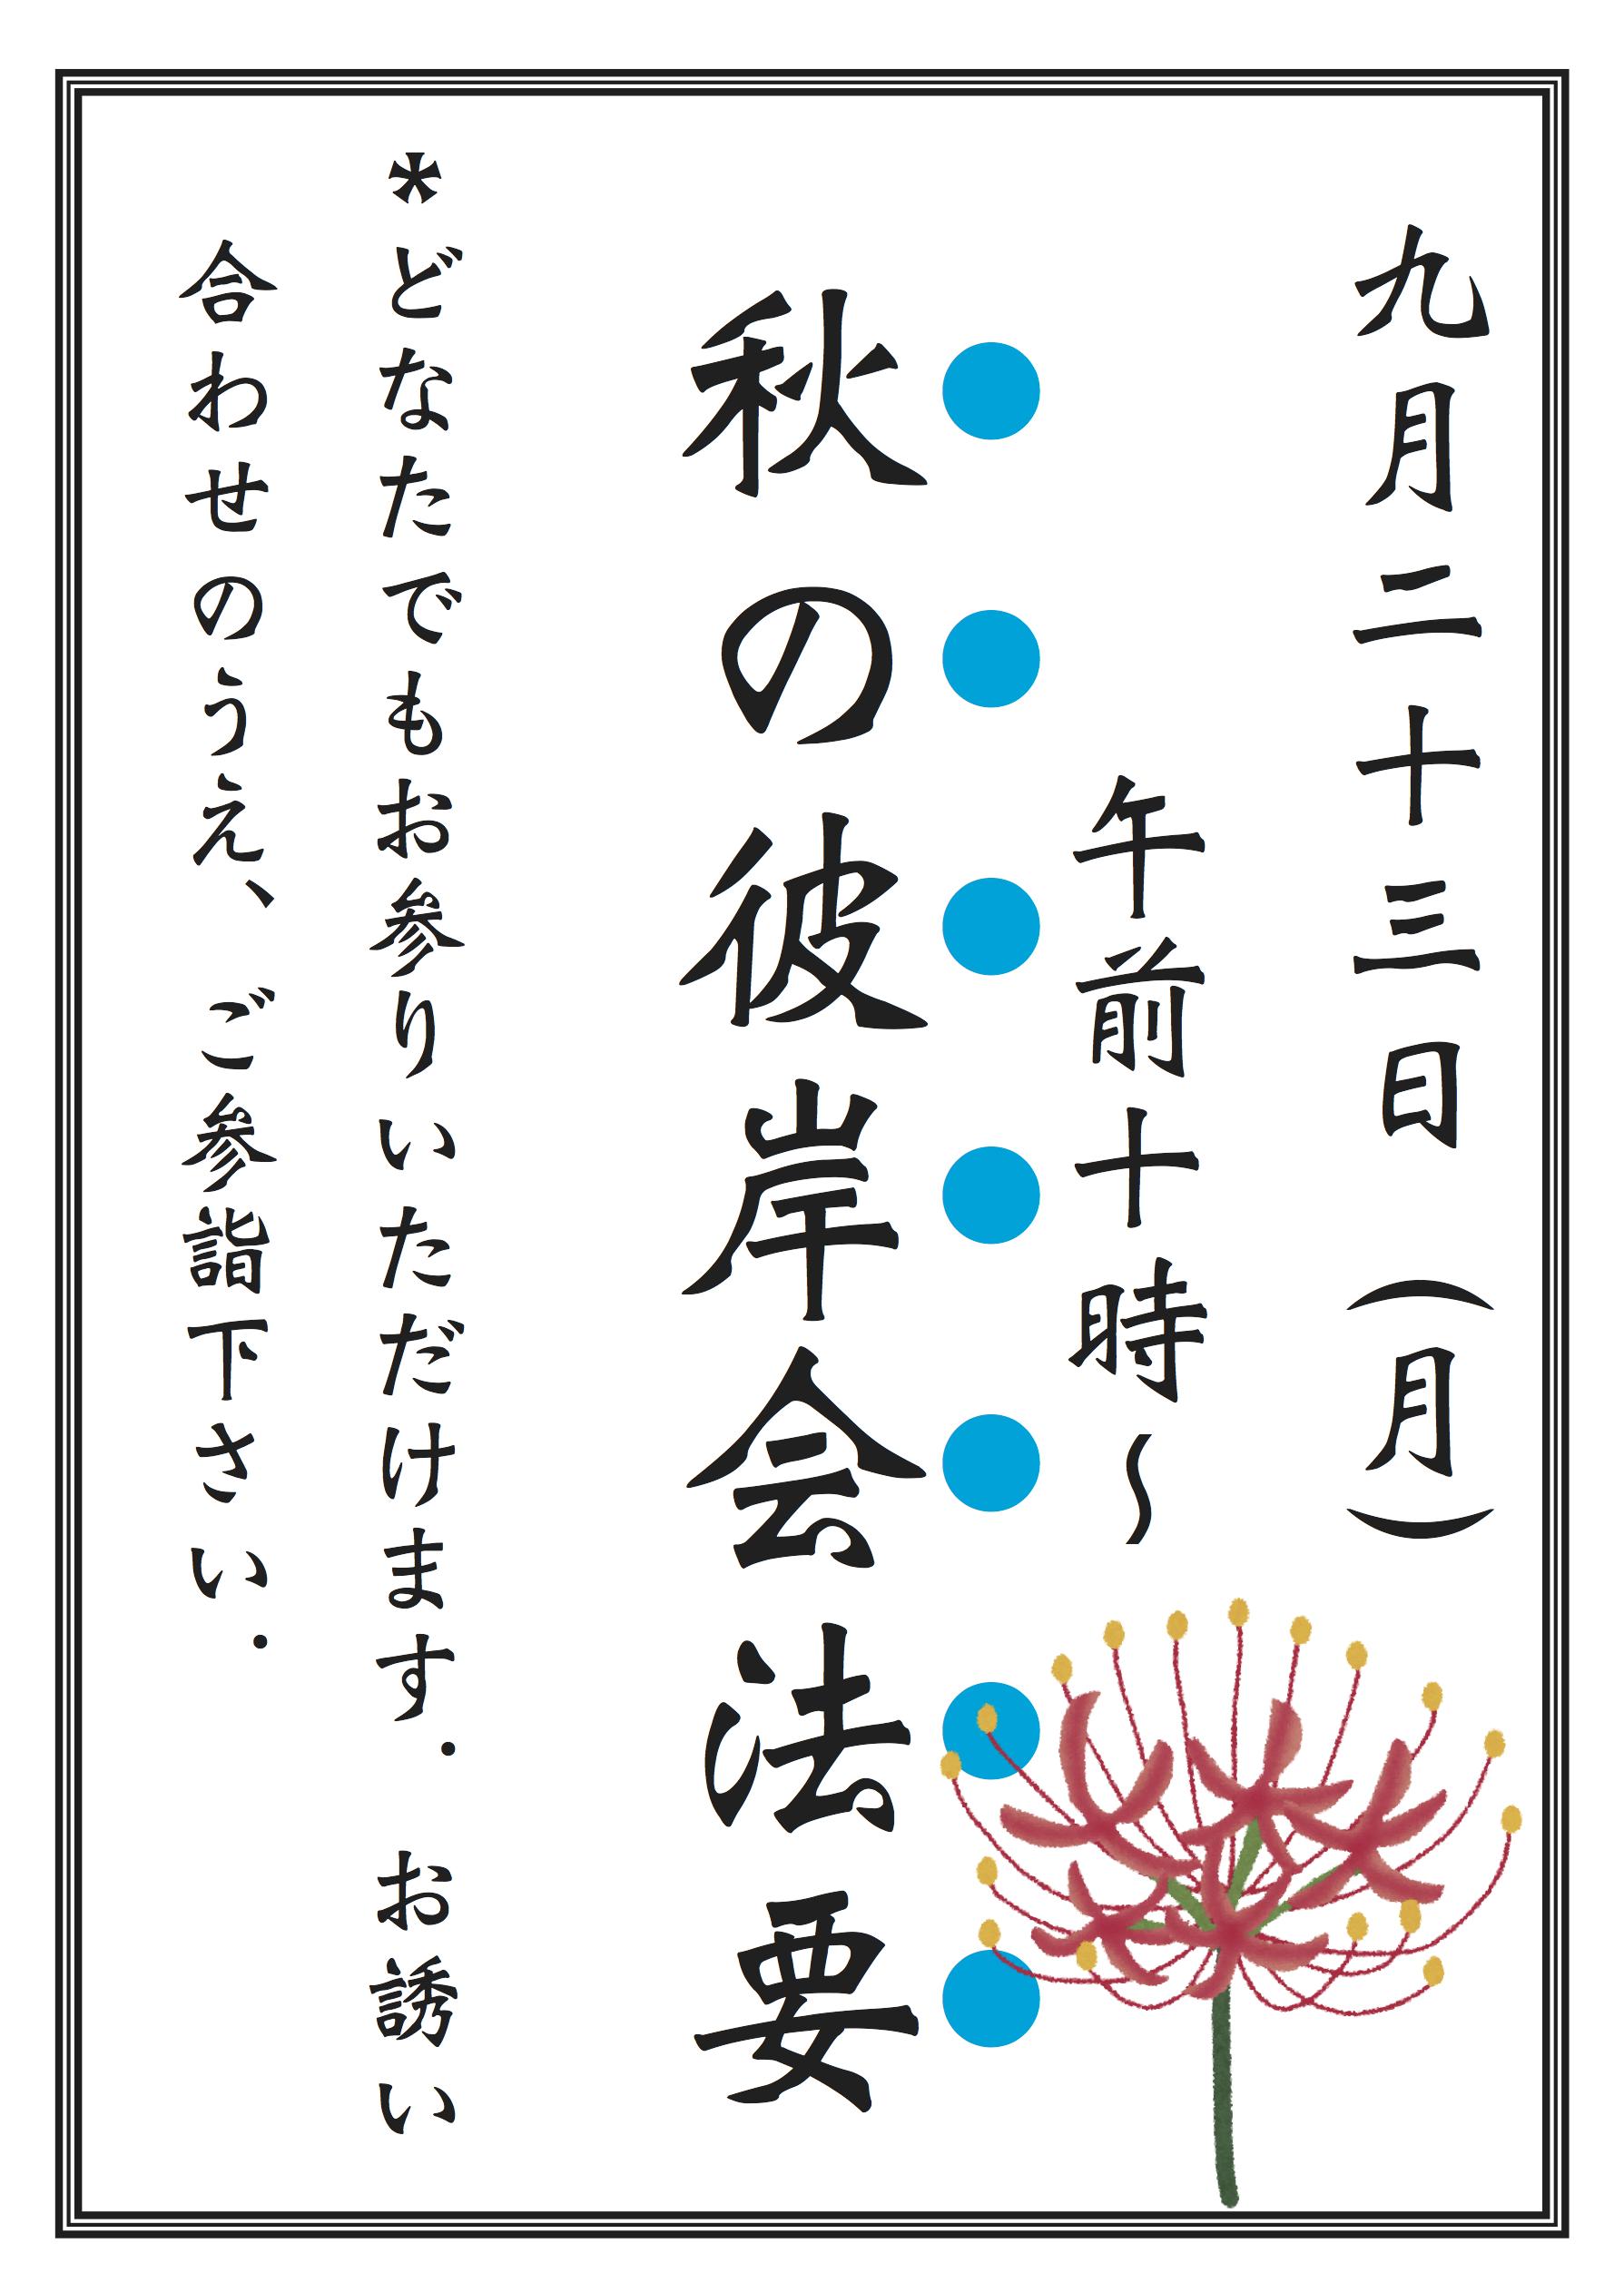 掲示板_秋彼岸会法要.png